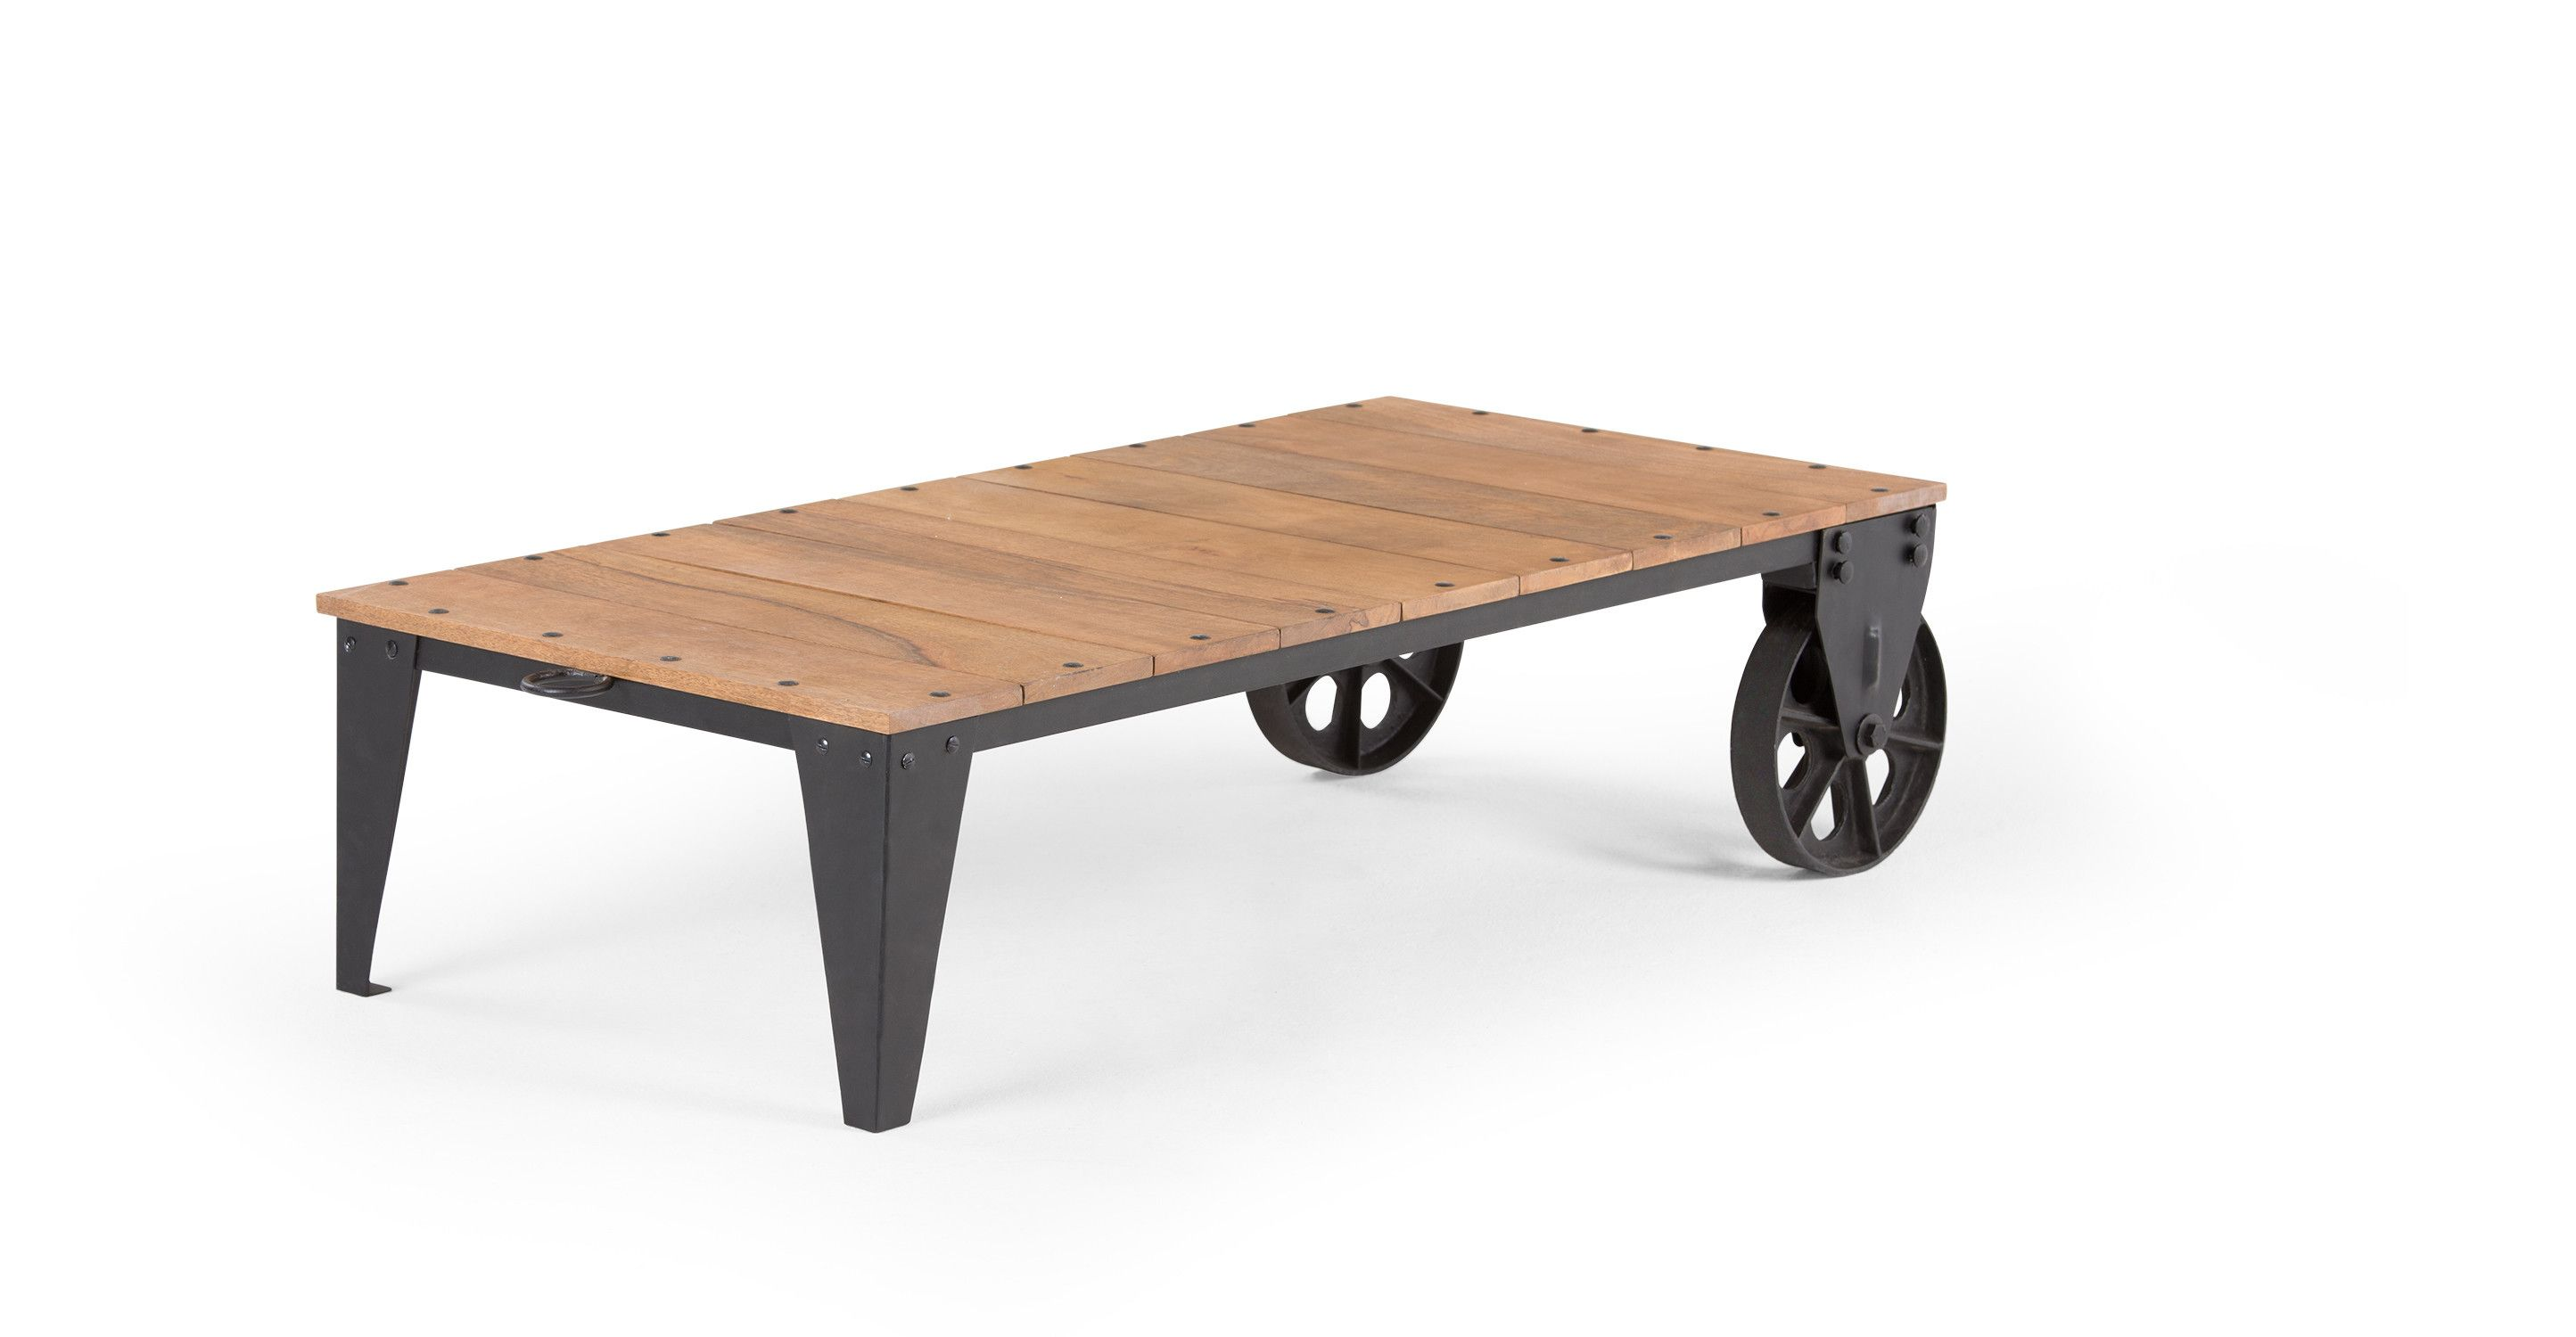 0d1e846f52dcbbfe87382afd7273e6a9 Incroyable De Table Basse Ronde Avec Rangement Des Idées